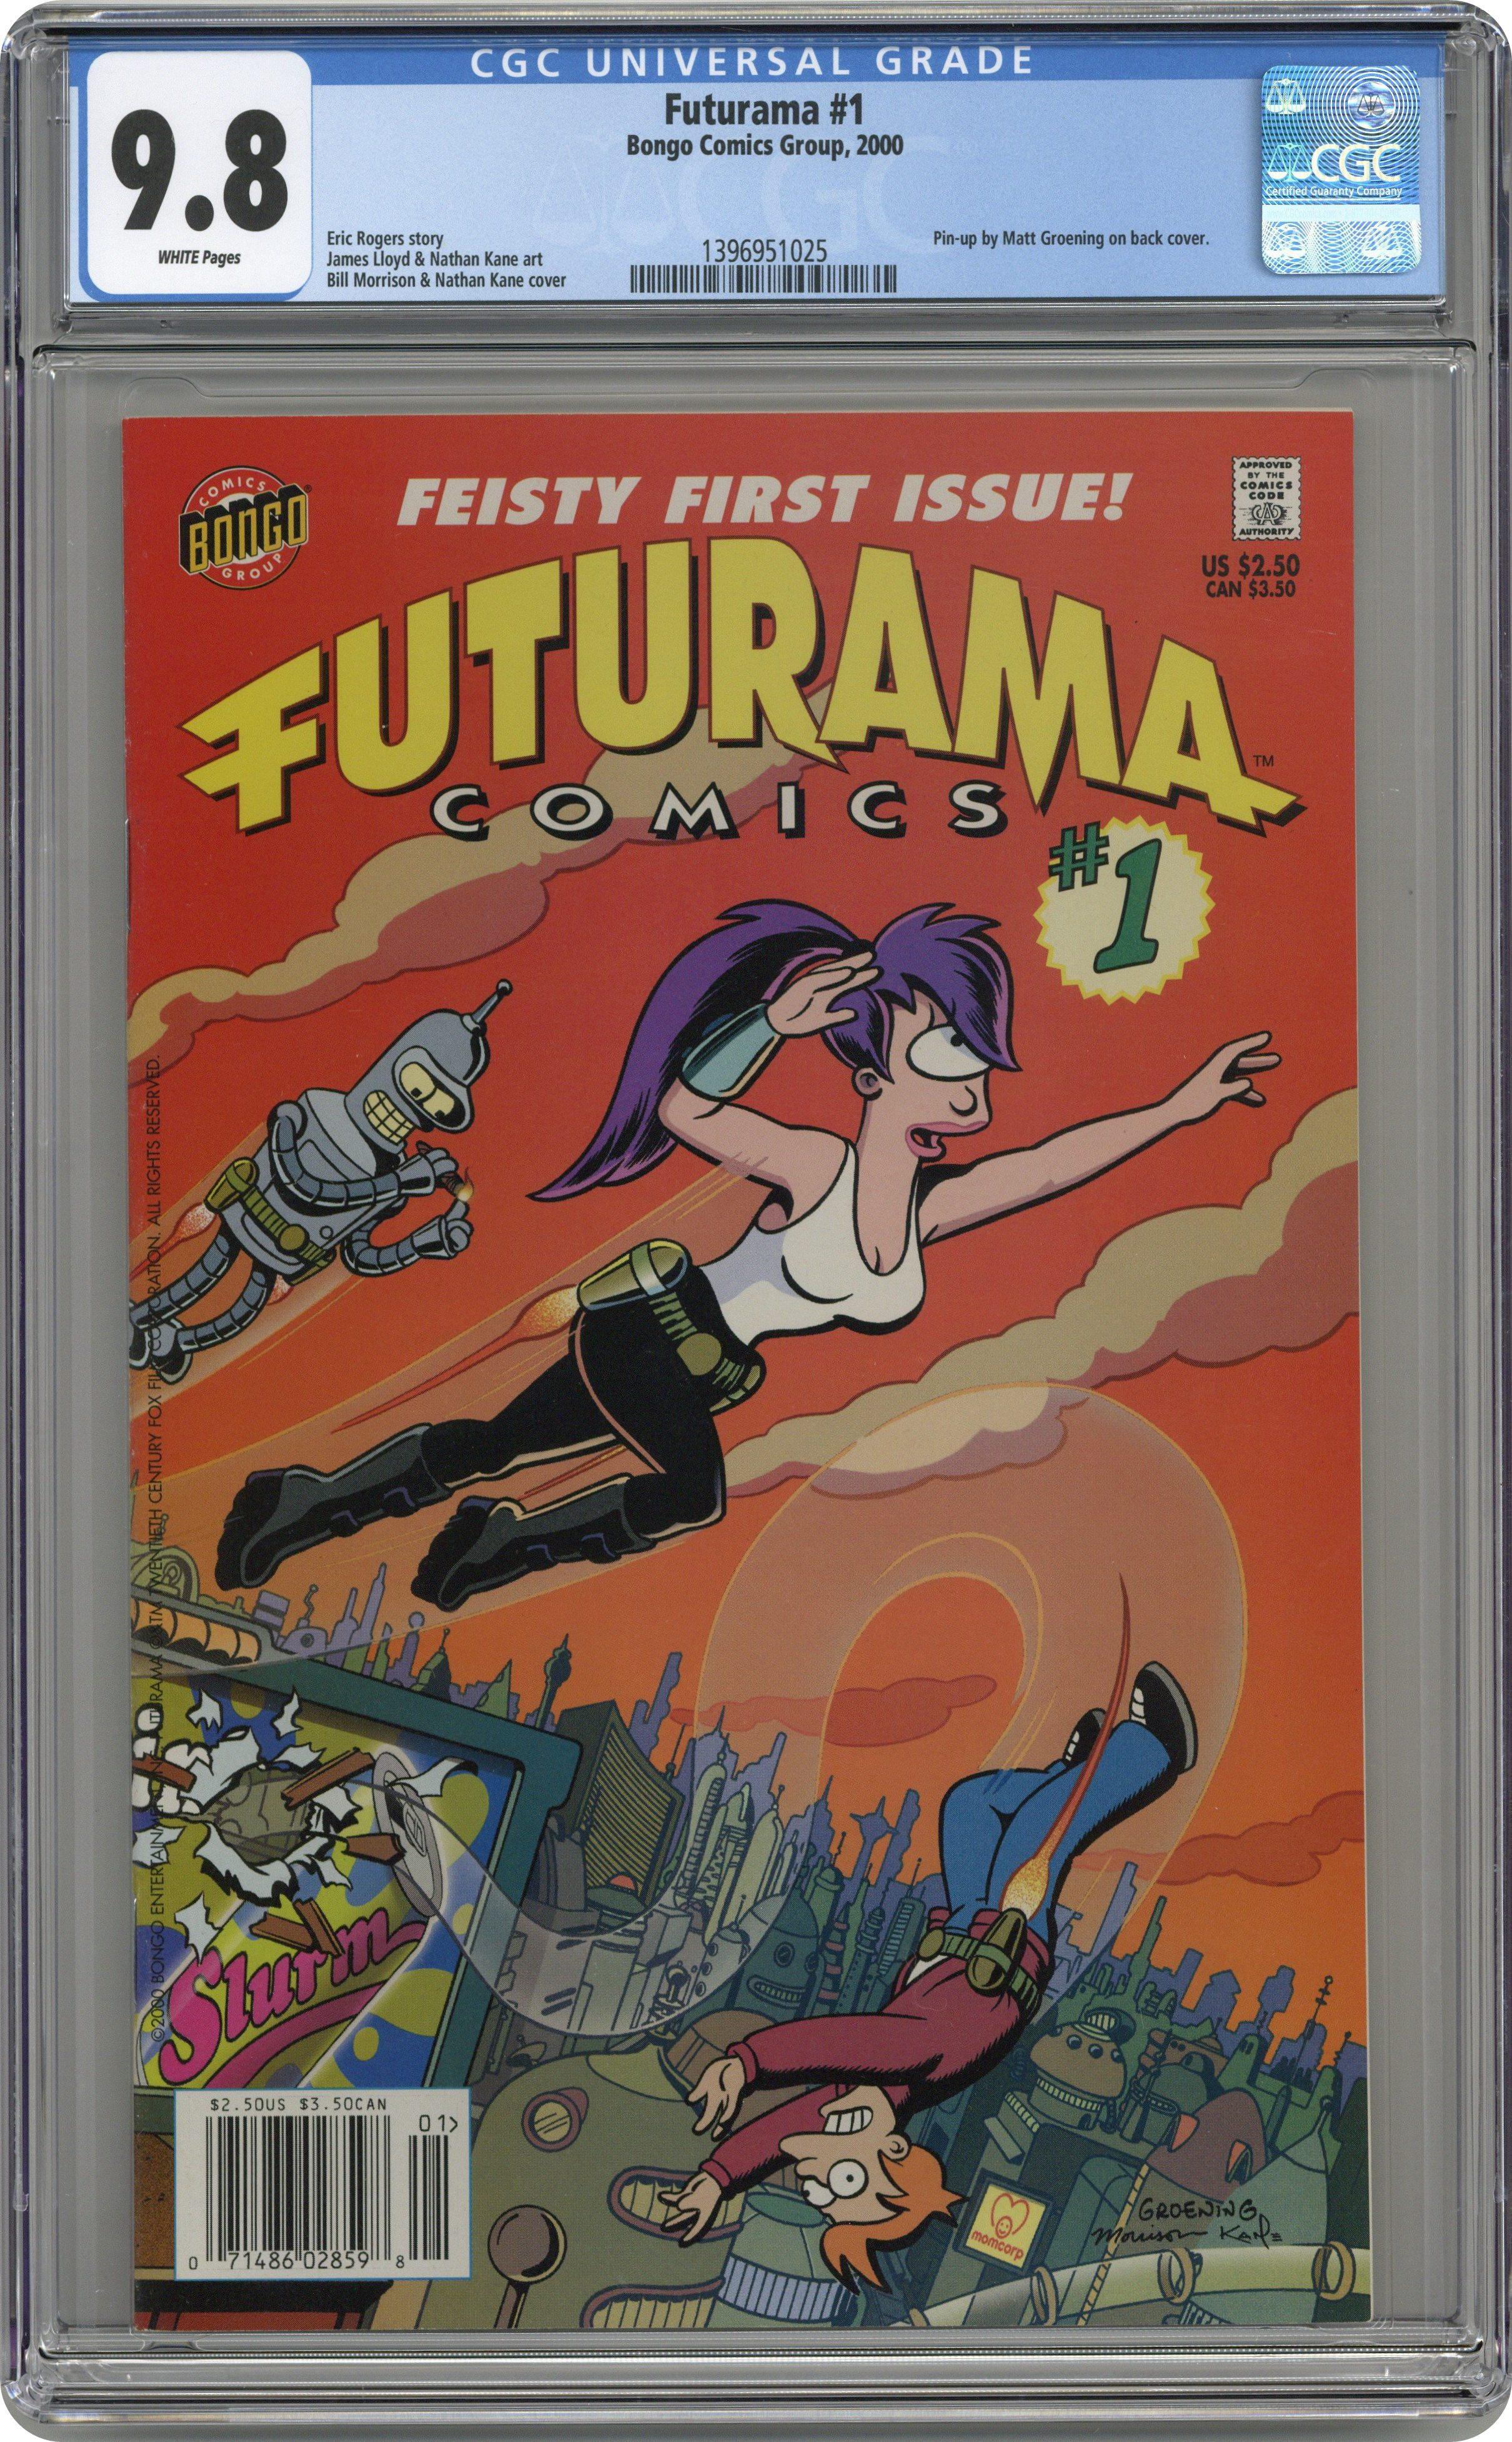 100 Images of Futurama Comic Books